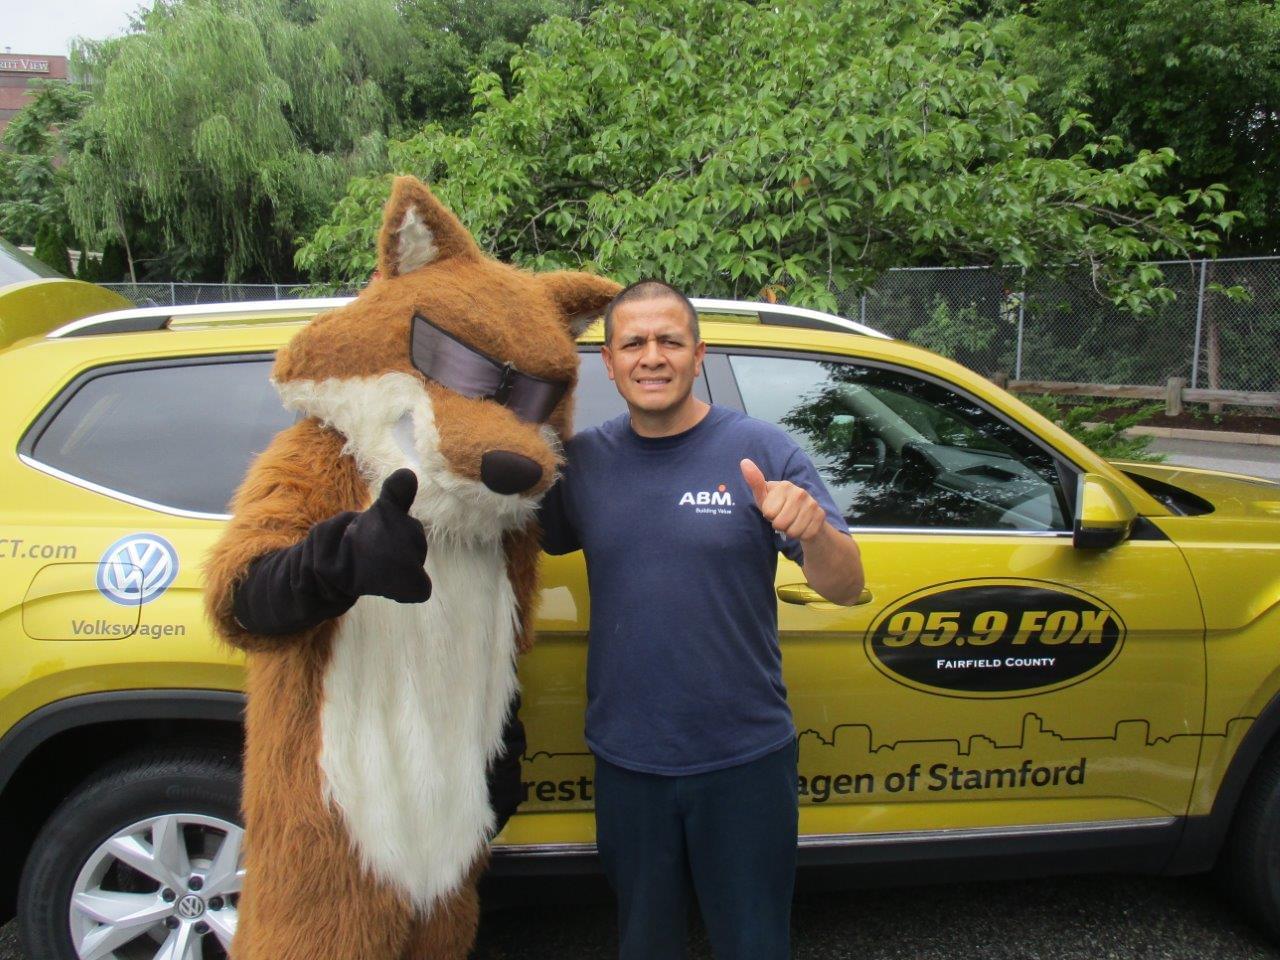 Spot the Fox 07/25/18